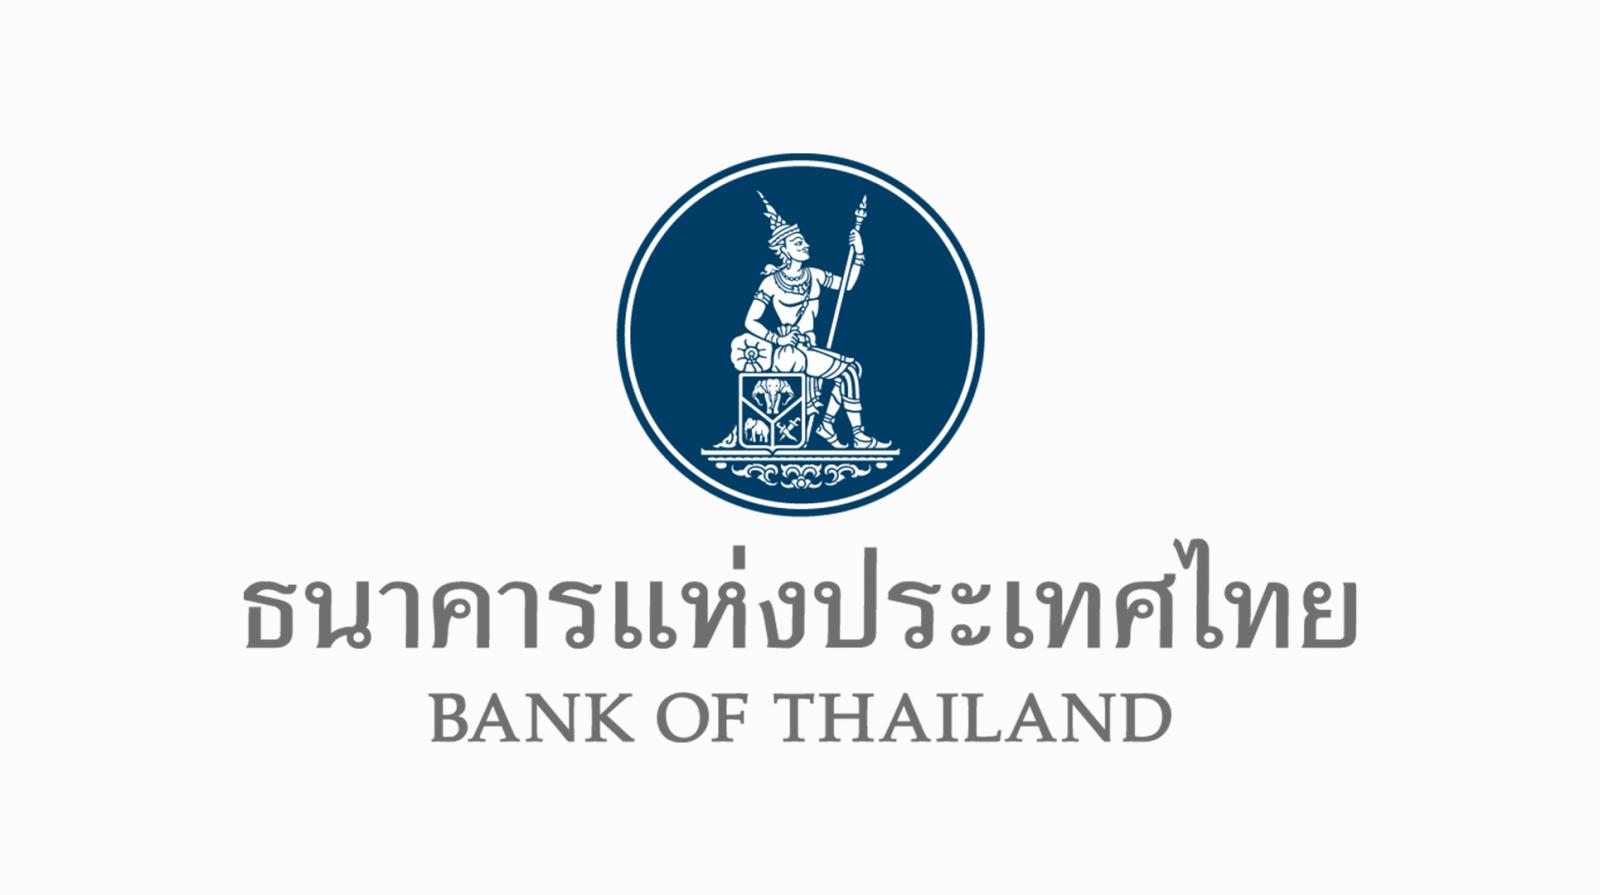 ข่าวสดวันนี้ ตุ๋นลงทุน ธนาคารแห่งประเทศไทย